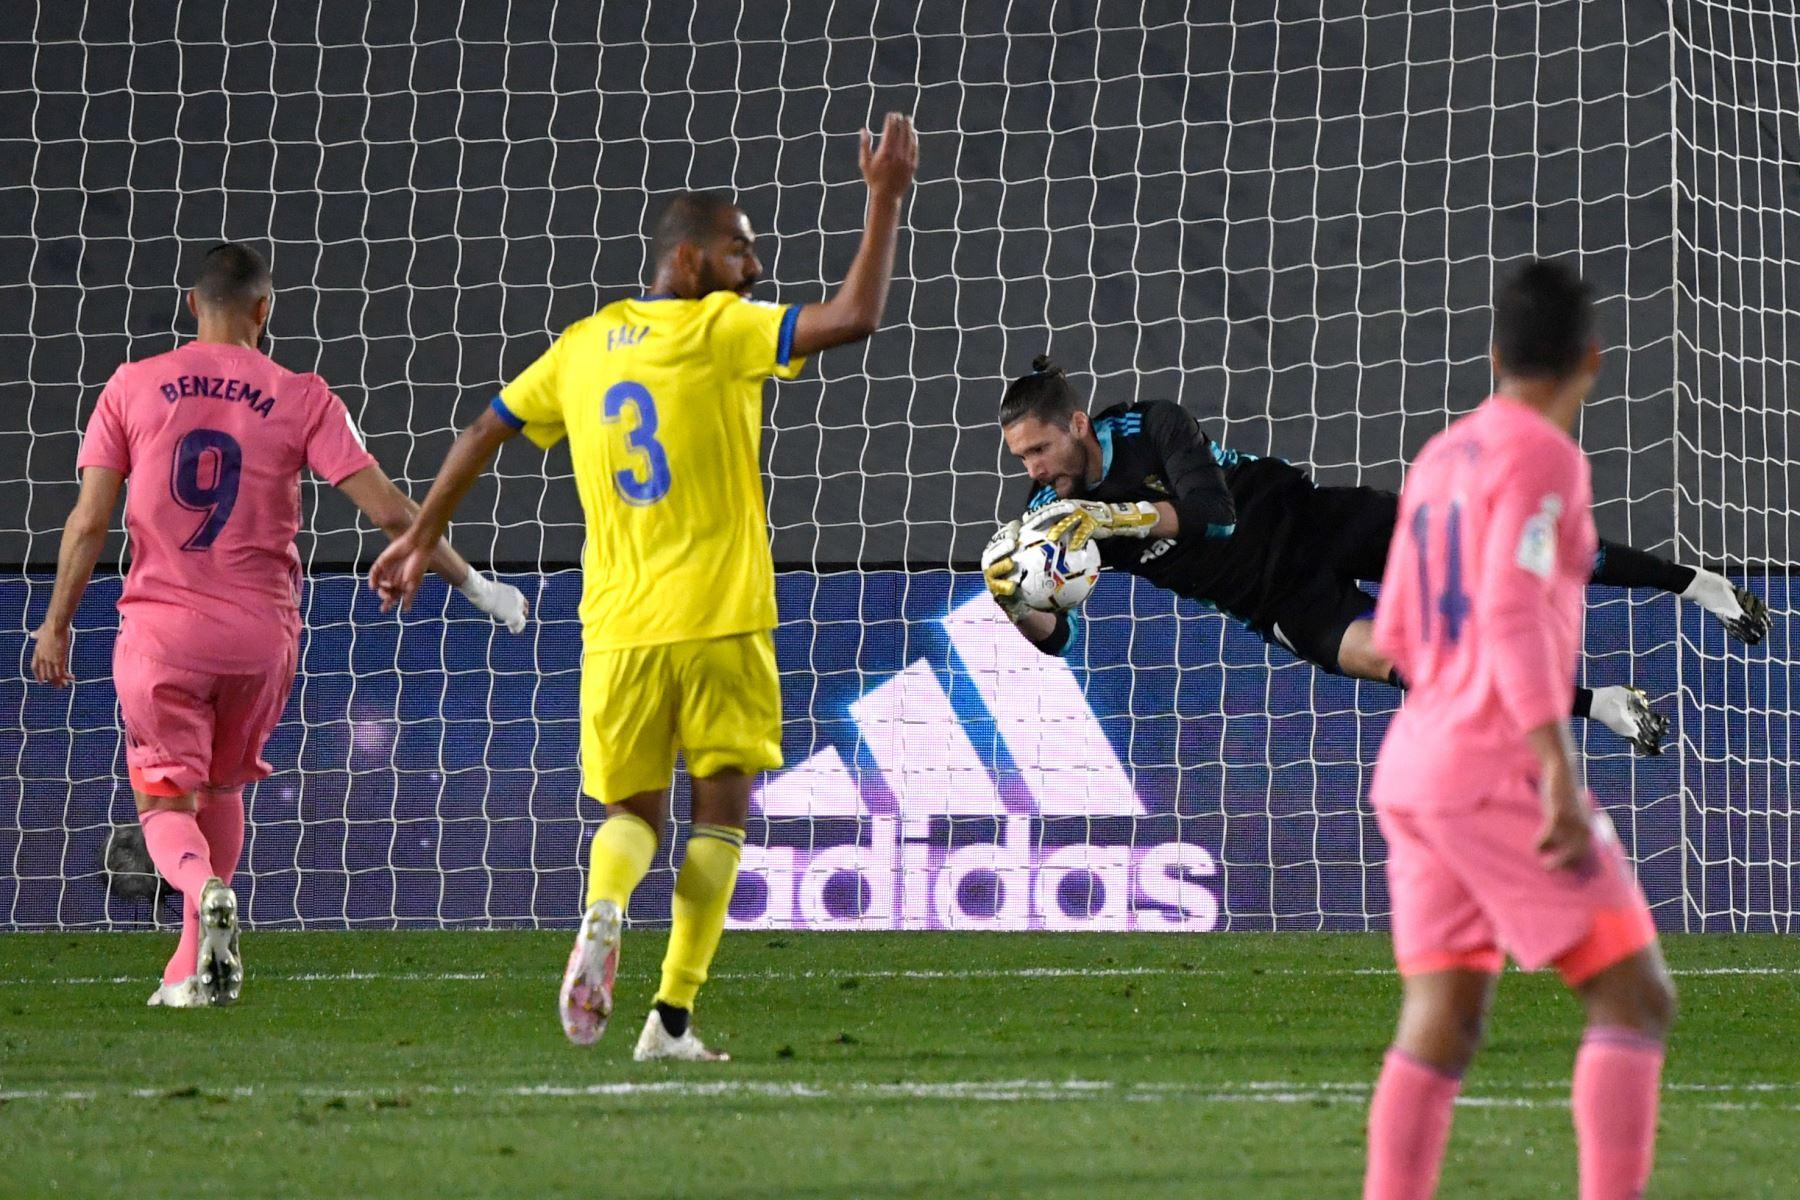 El portero argentino del Cádiz, Jeremias Ledesma, detiene el balón durante el partido de fútbol de la Liga española en el estadio Alfredo Di Stefano de Valdebebas, noreste de Madrid. Foto: AFP